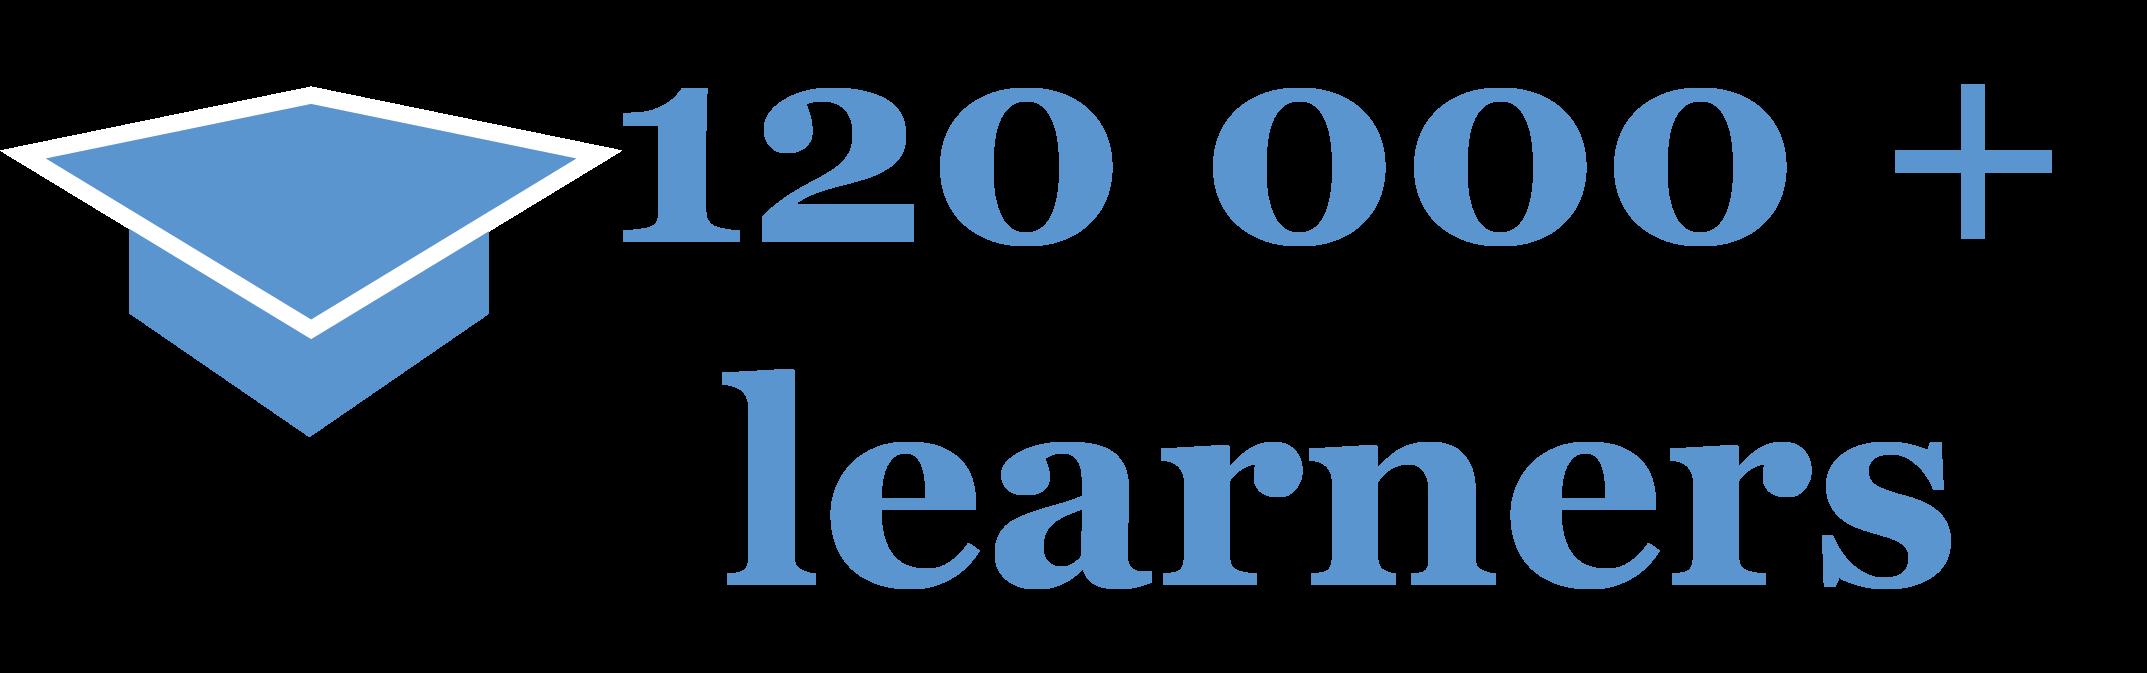 120 000 learners